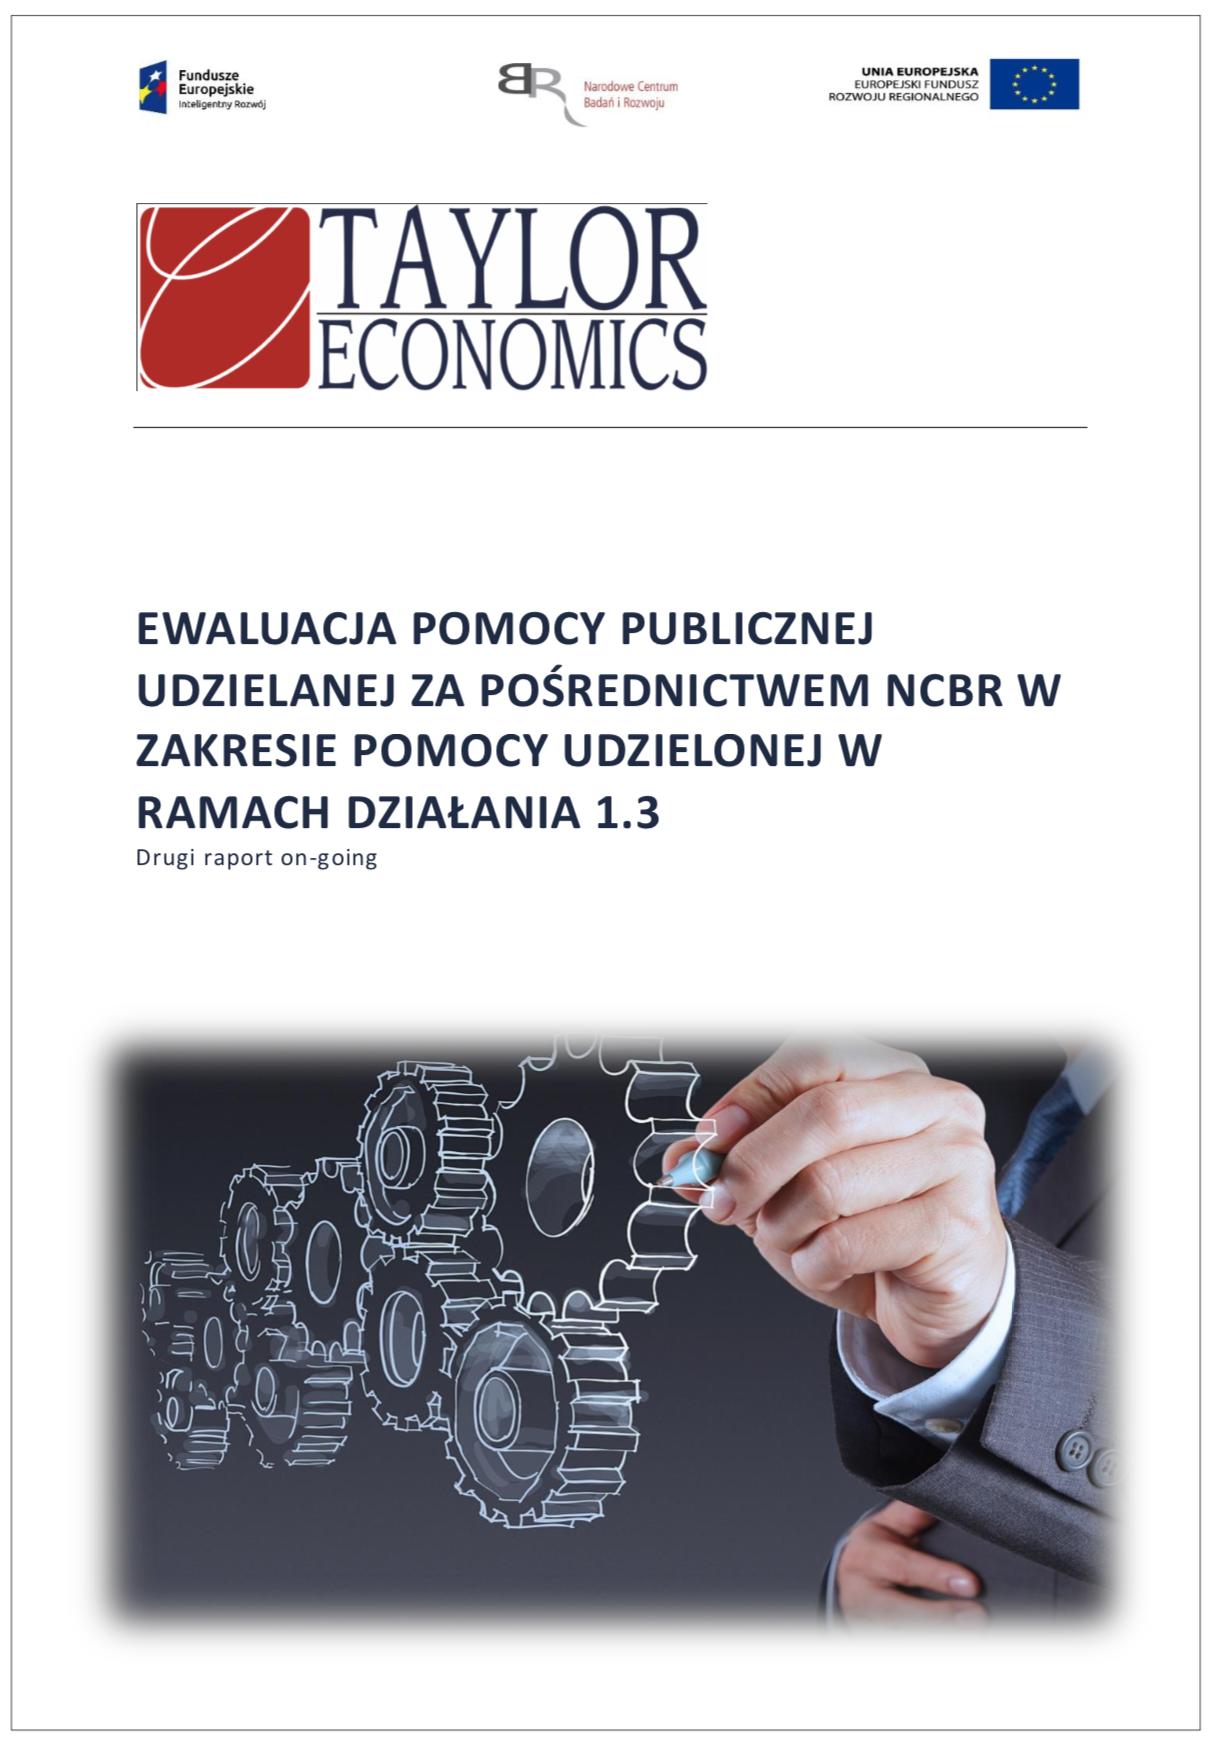 Ewaluacja pomocy publicznej udzielanej za pośrednictwem NCBR w zakresie pomocy udzielonej w ramach działania 1.3 POIR Raport ongoing  sierpień 2018